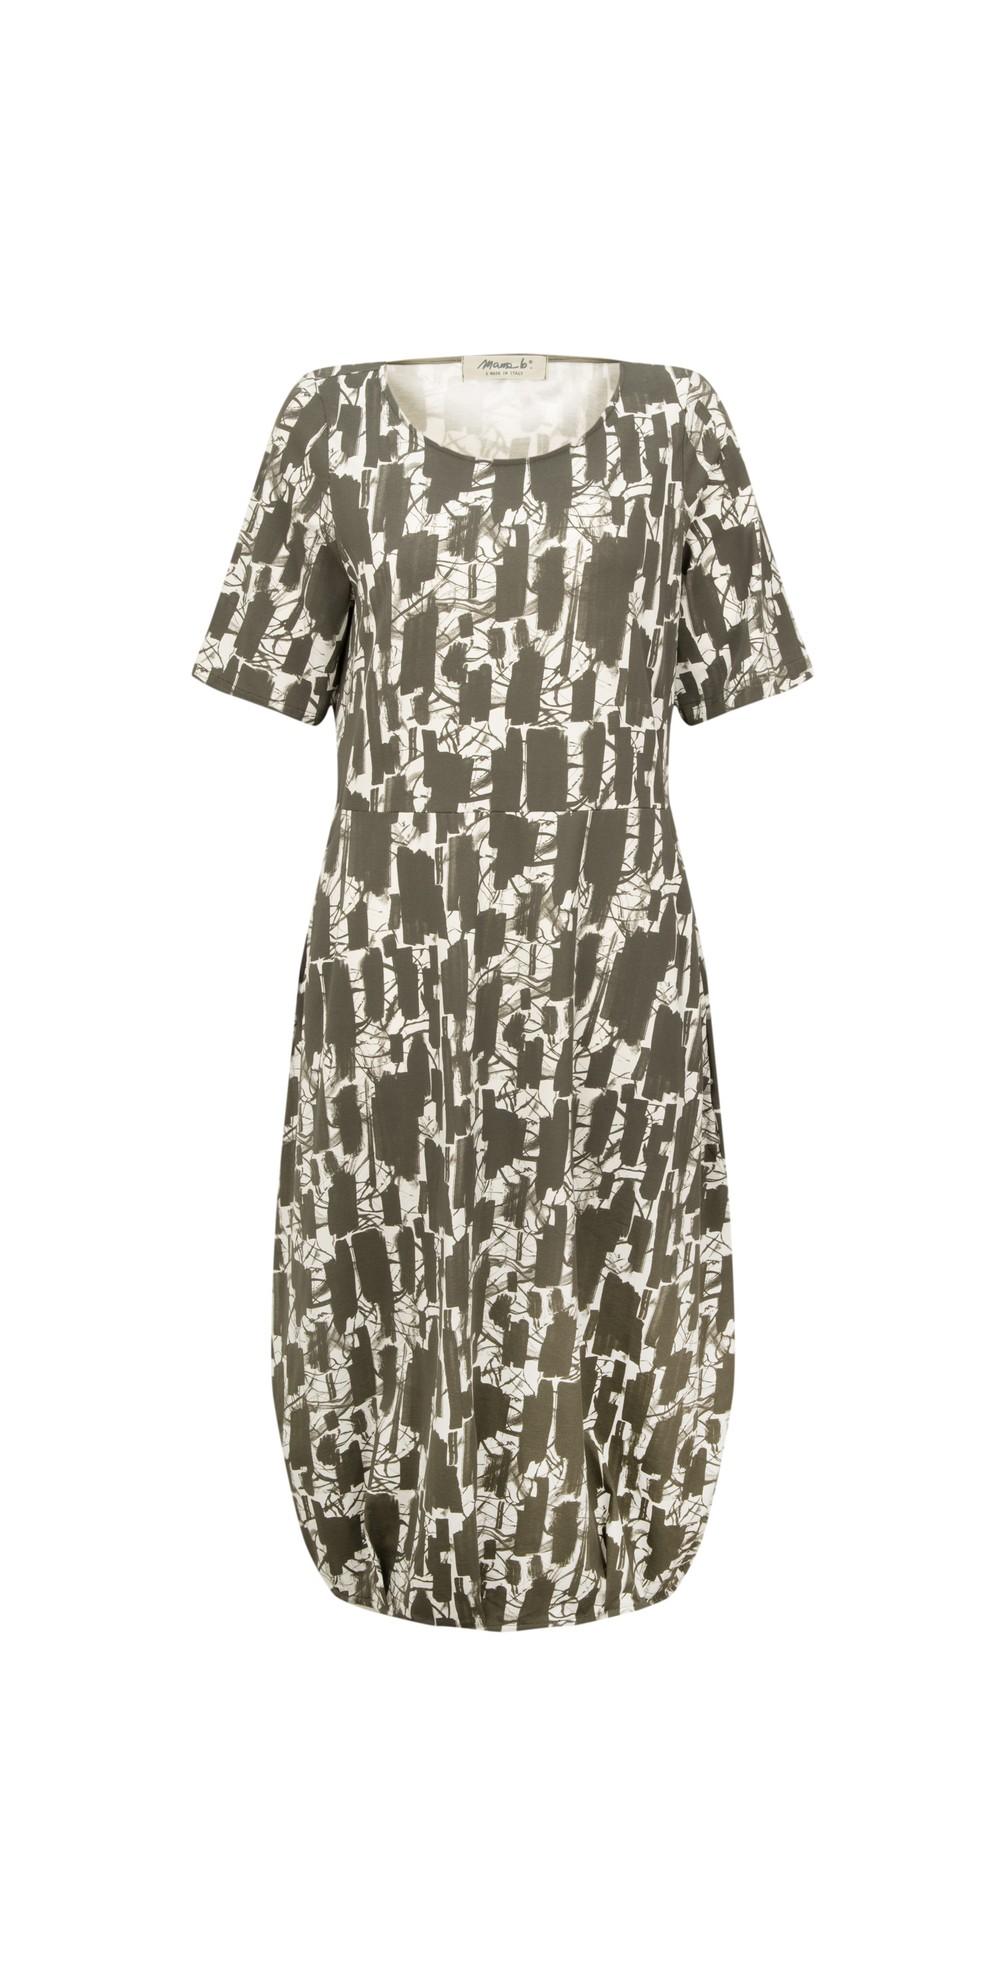 Dogliani S Printed Jersey Dress main image